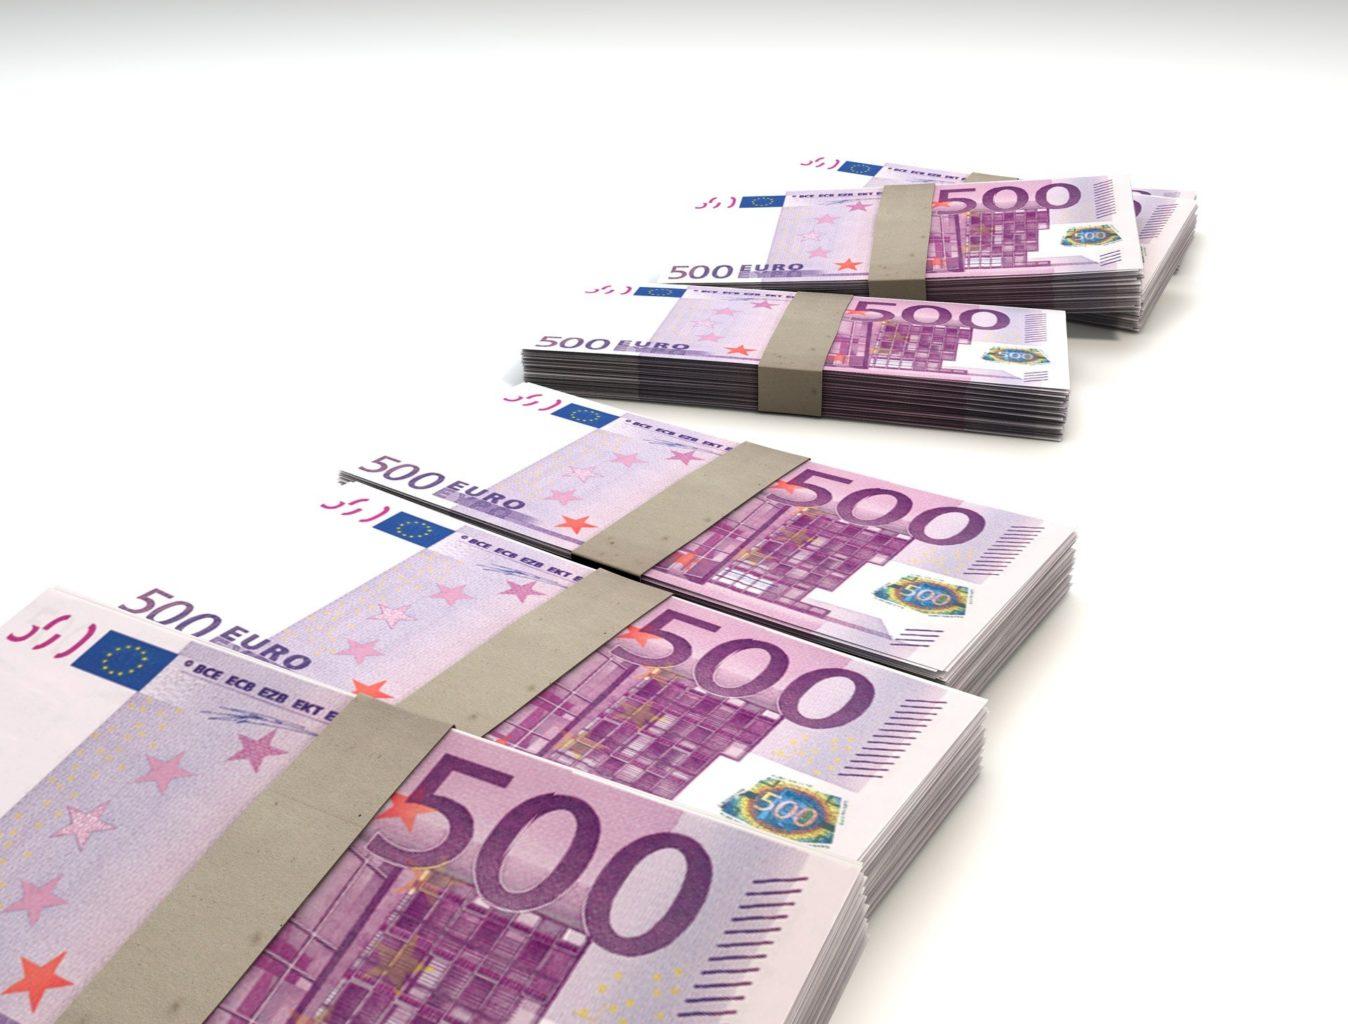 euromercados